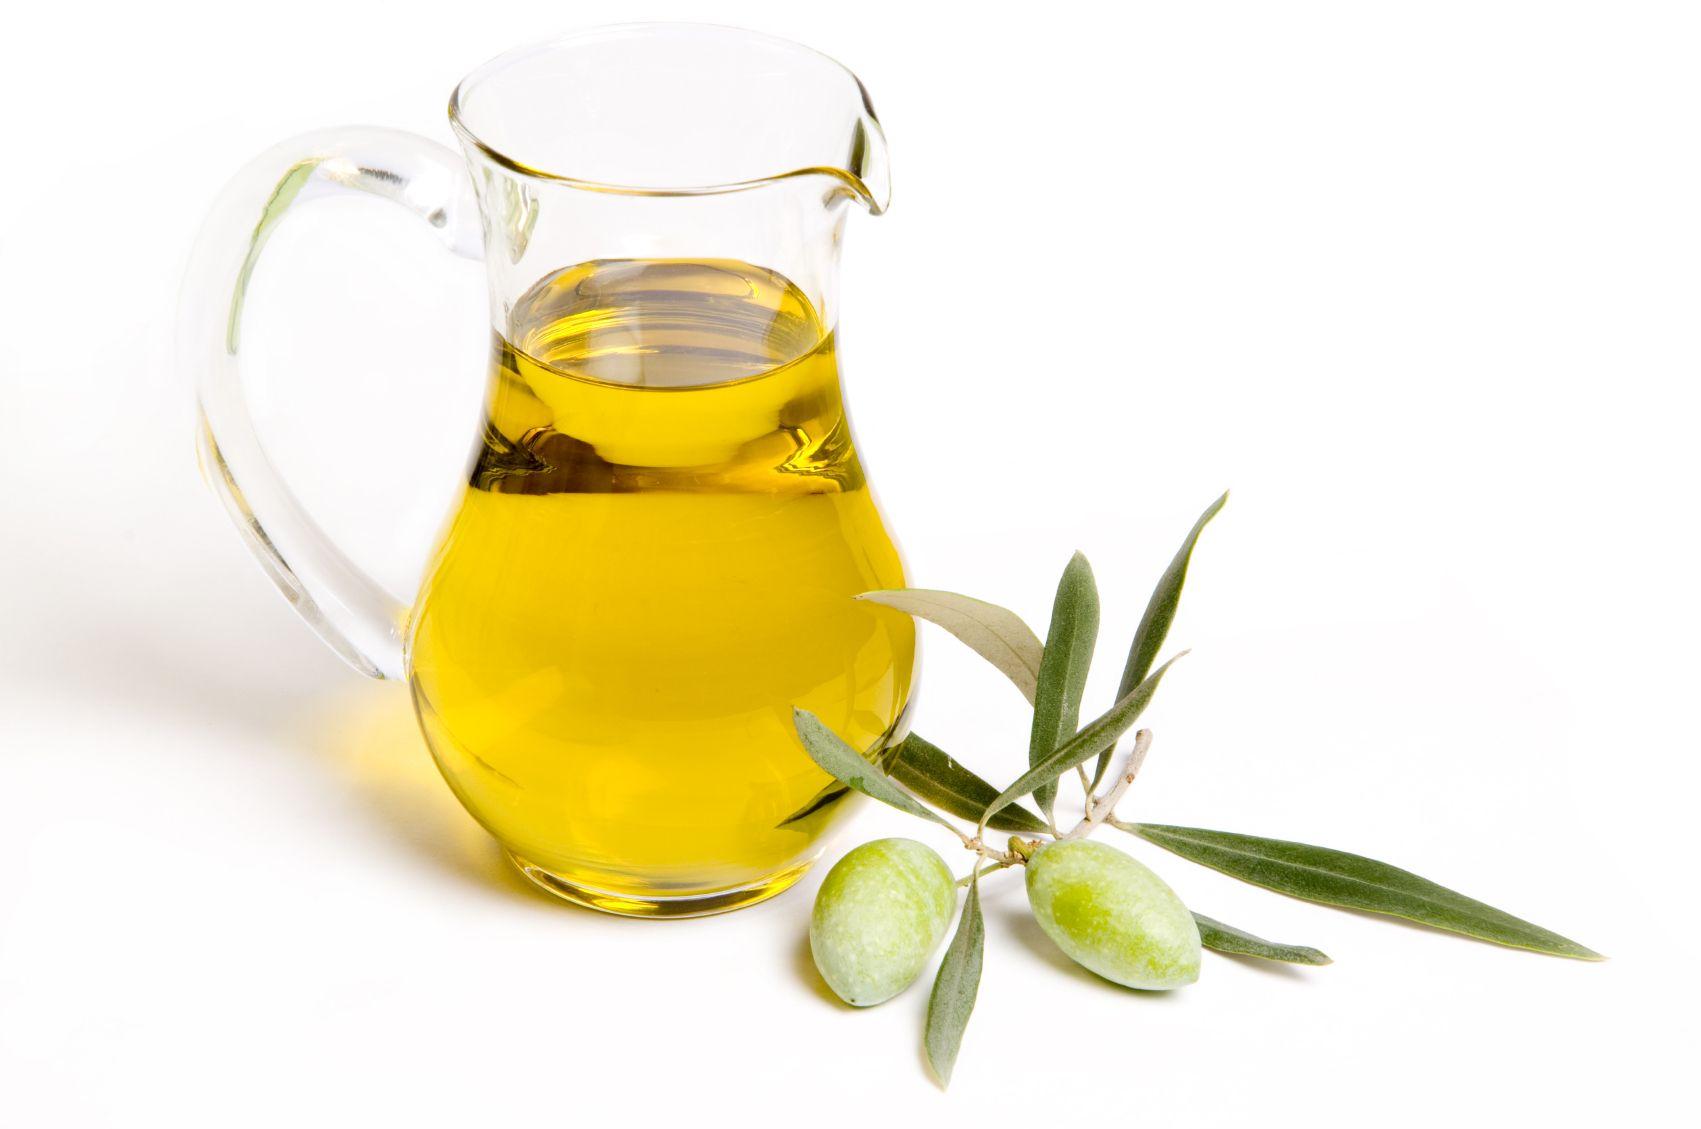 9 motivi per consumare più olio d'oliva